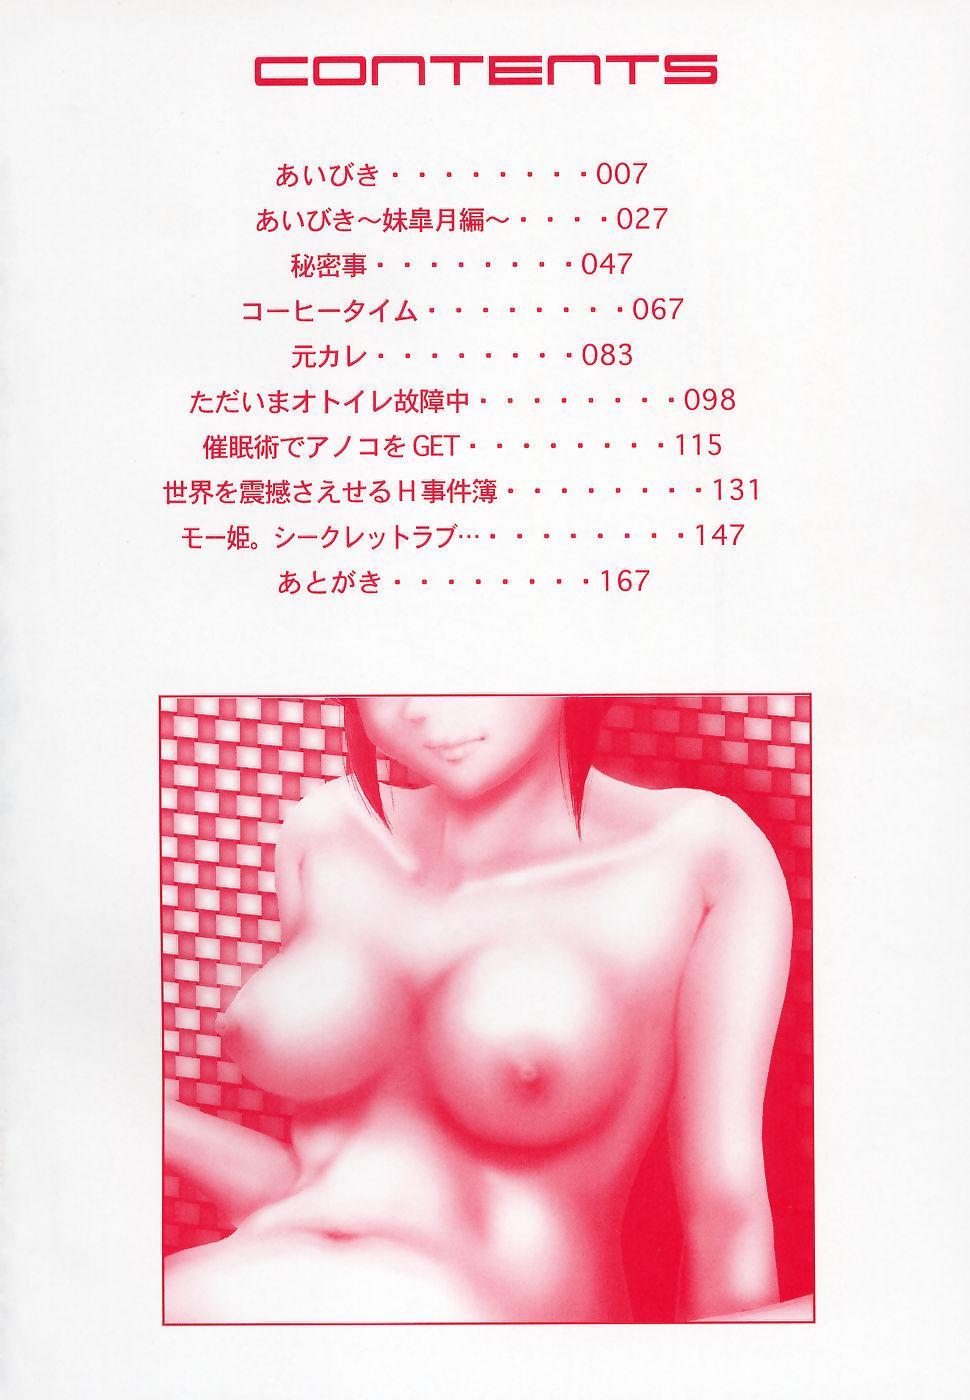 Nurunuru Syoujyo Jiru 5